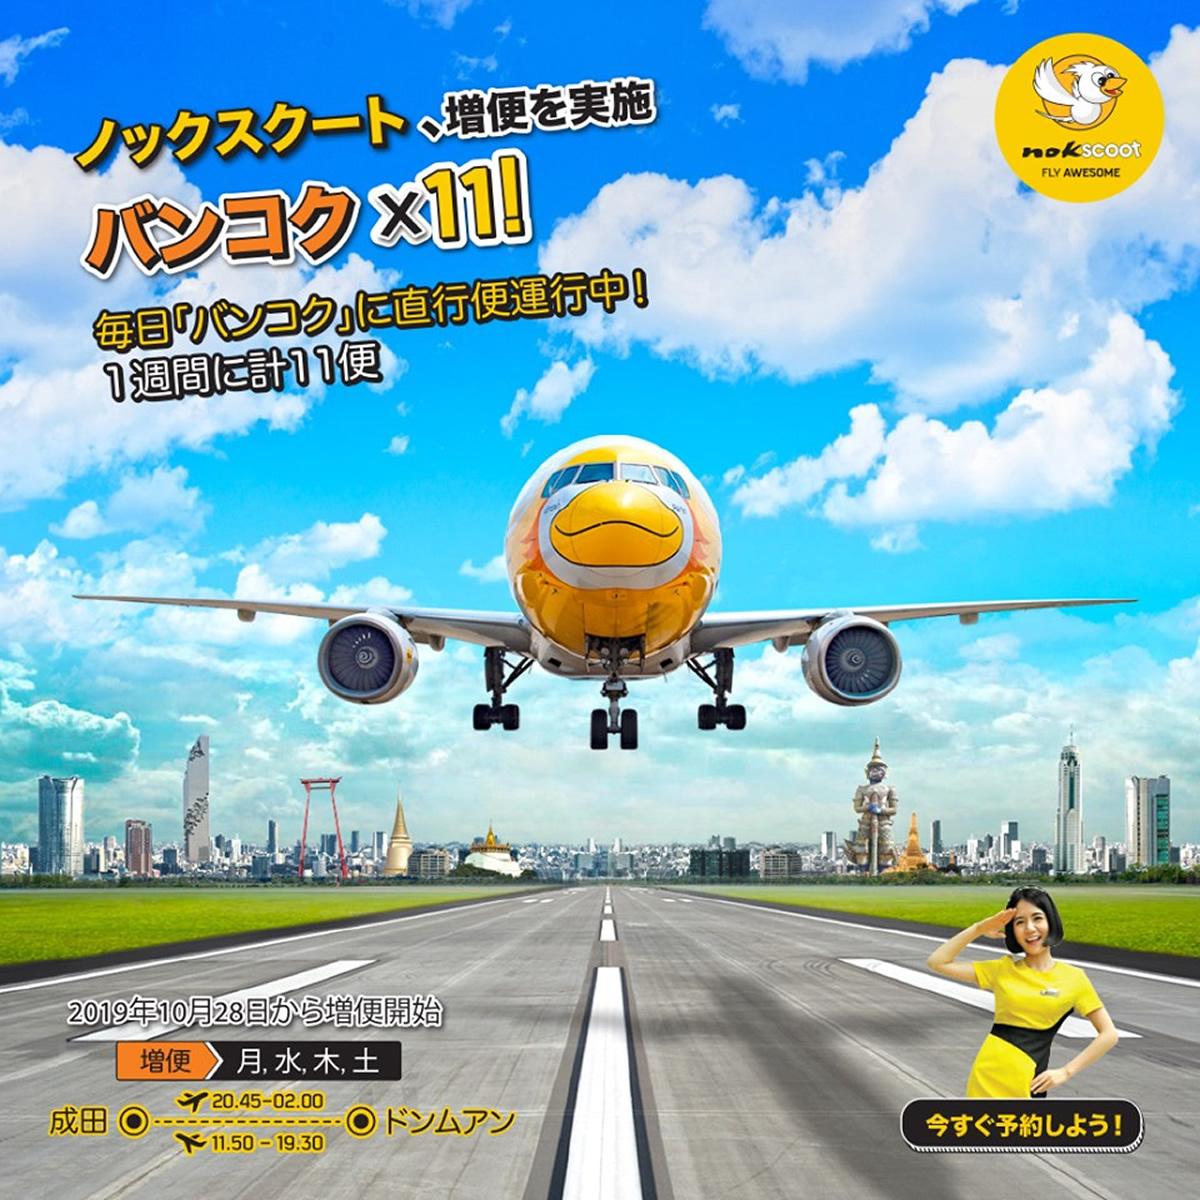 ノックスクート増便を実施、成田=バンコクが週11便に